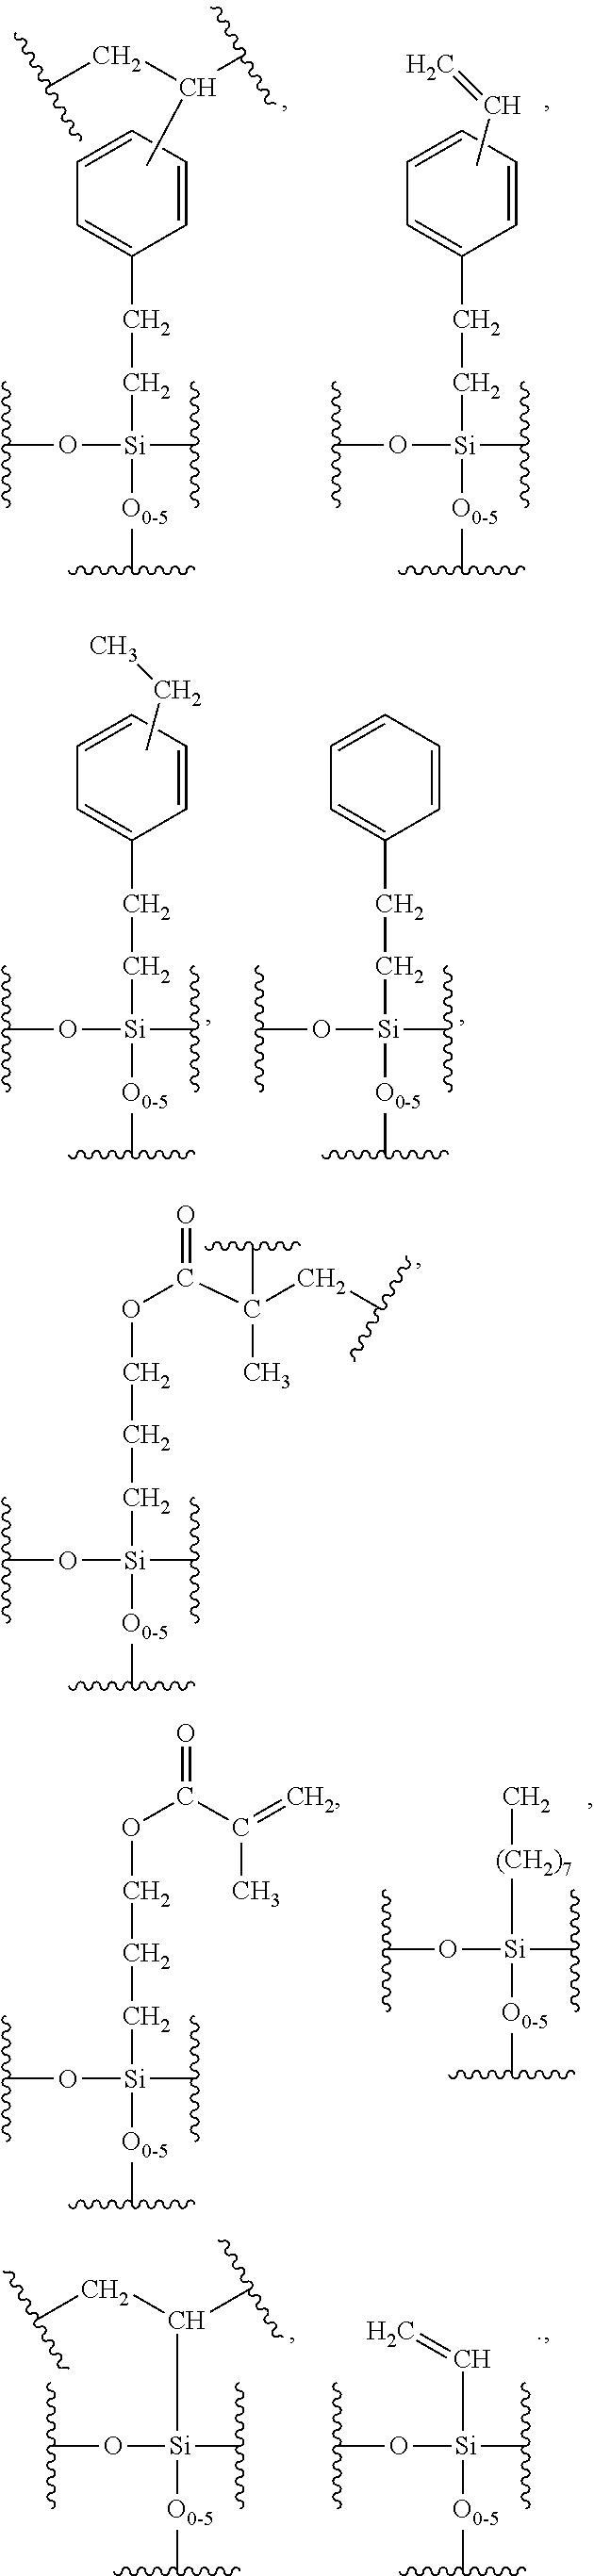 Figure US09211524-20151215-C00008